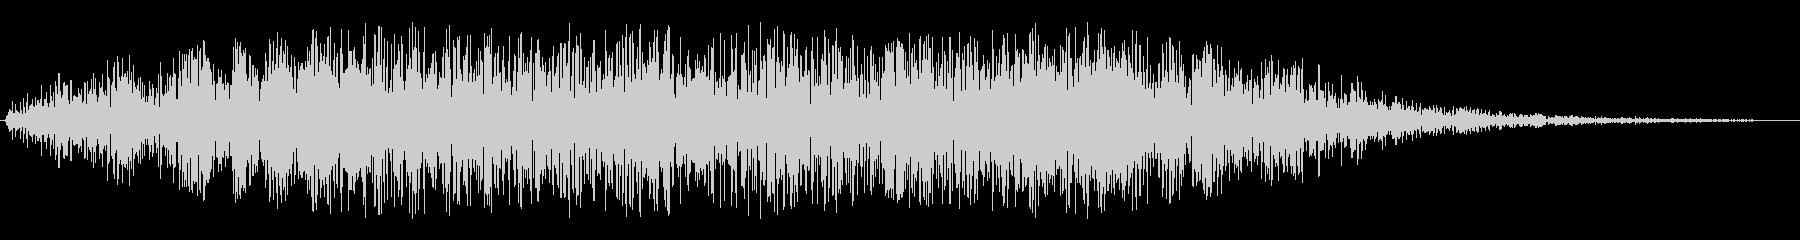 ゴーォォォンという通過音の未再生の波形